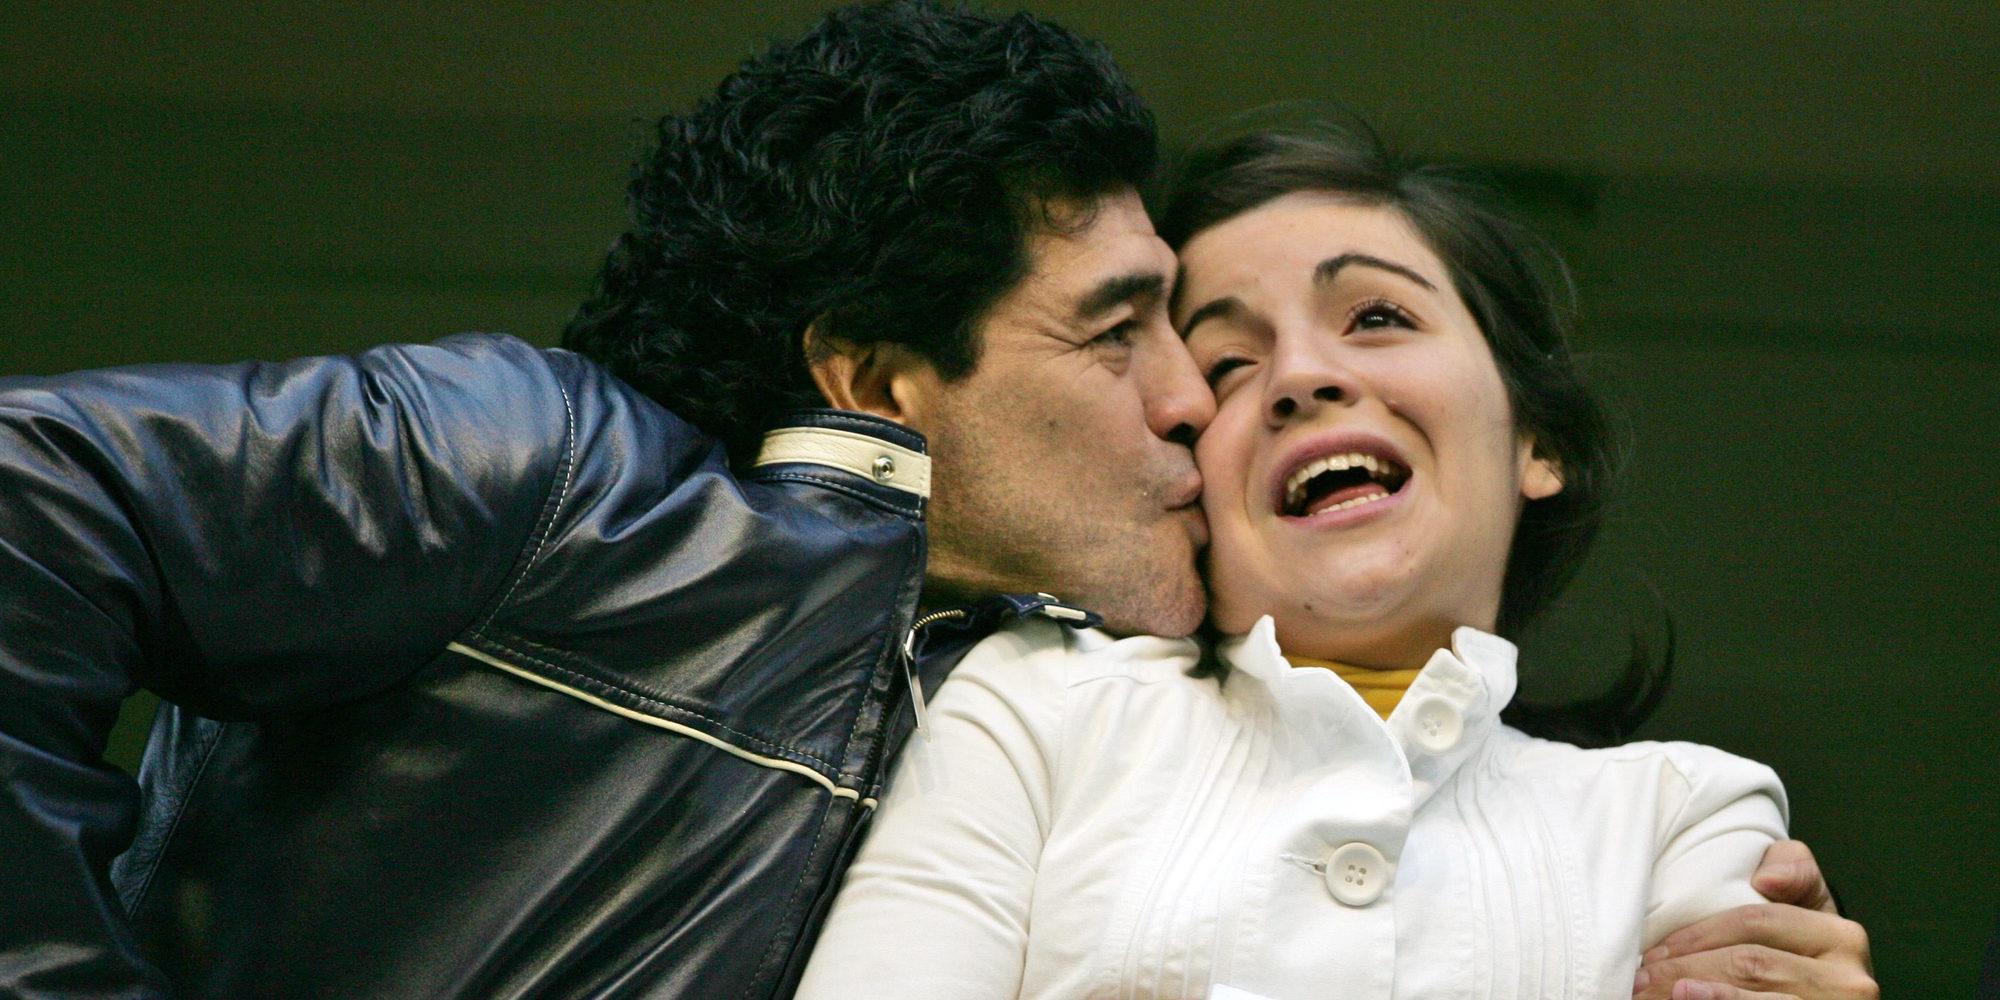 Las hijas de Maradona denuncian a la novia de su padre